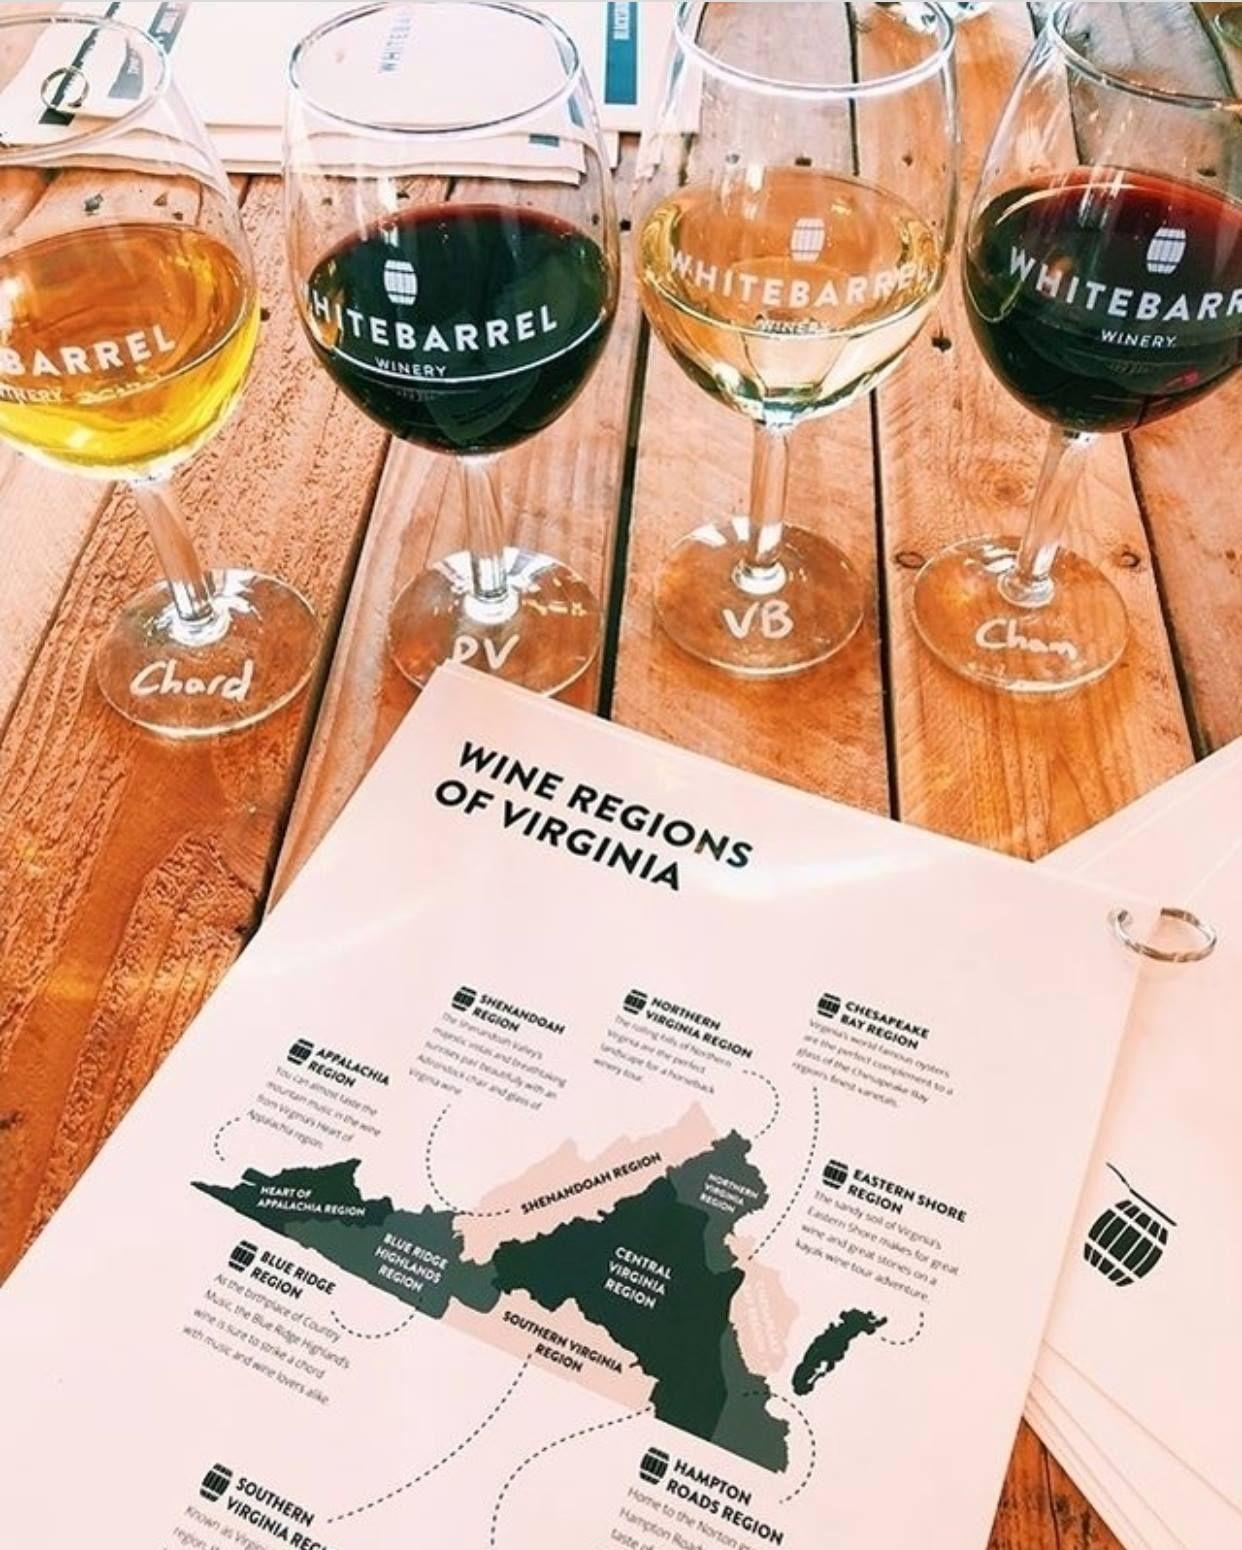 Virginia wine tasting